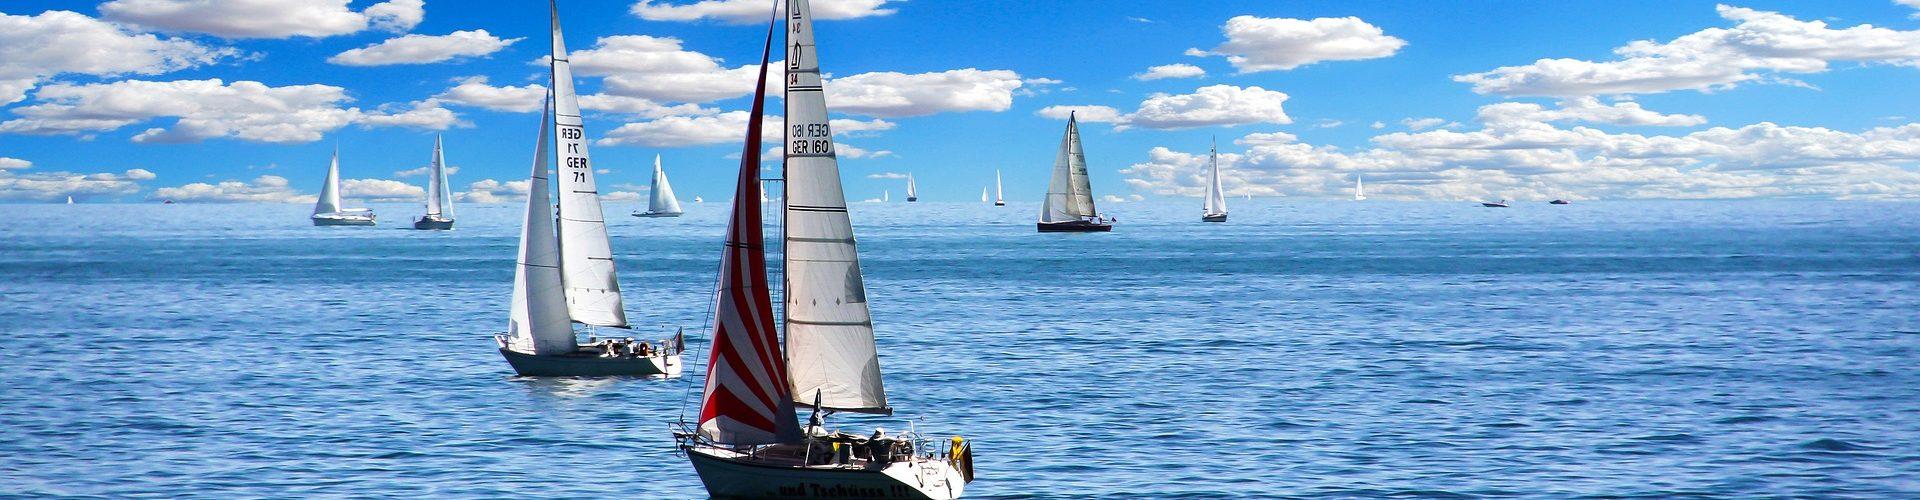 segeln lernen in Esens segelschein machen in Esens 1920x500 - Segeln lernen in Esens